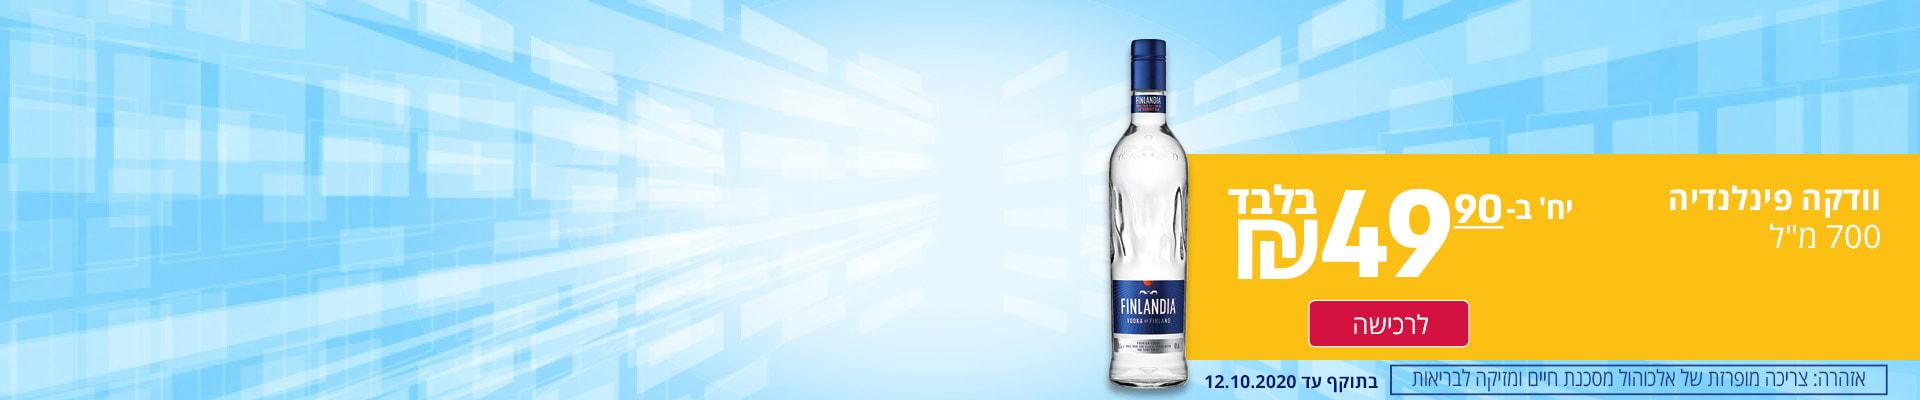 """וודקה פינלנדיה 700 מ""""ל ב- 49.90 ₪. בתוקף עד 12.10.2020. אזהרה: צריכה מופרזת של אלכוהול מסכנת חיים ומזיקה לבריאות"""